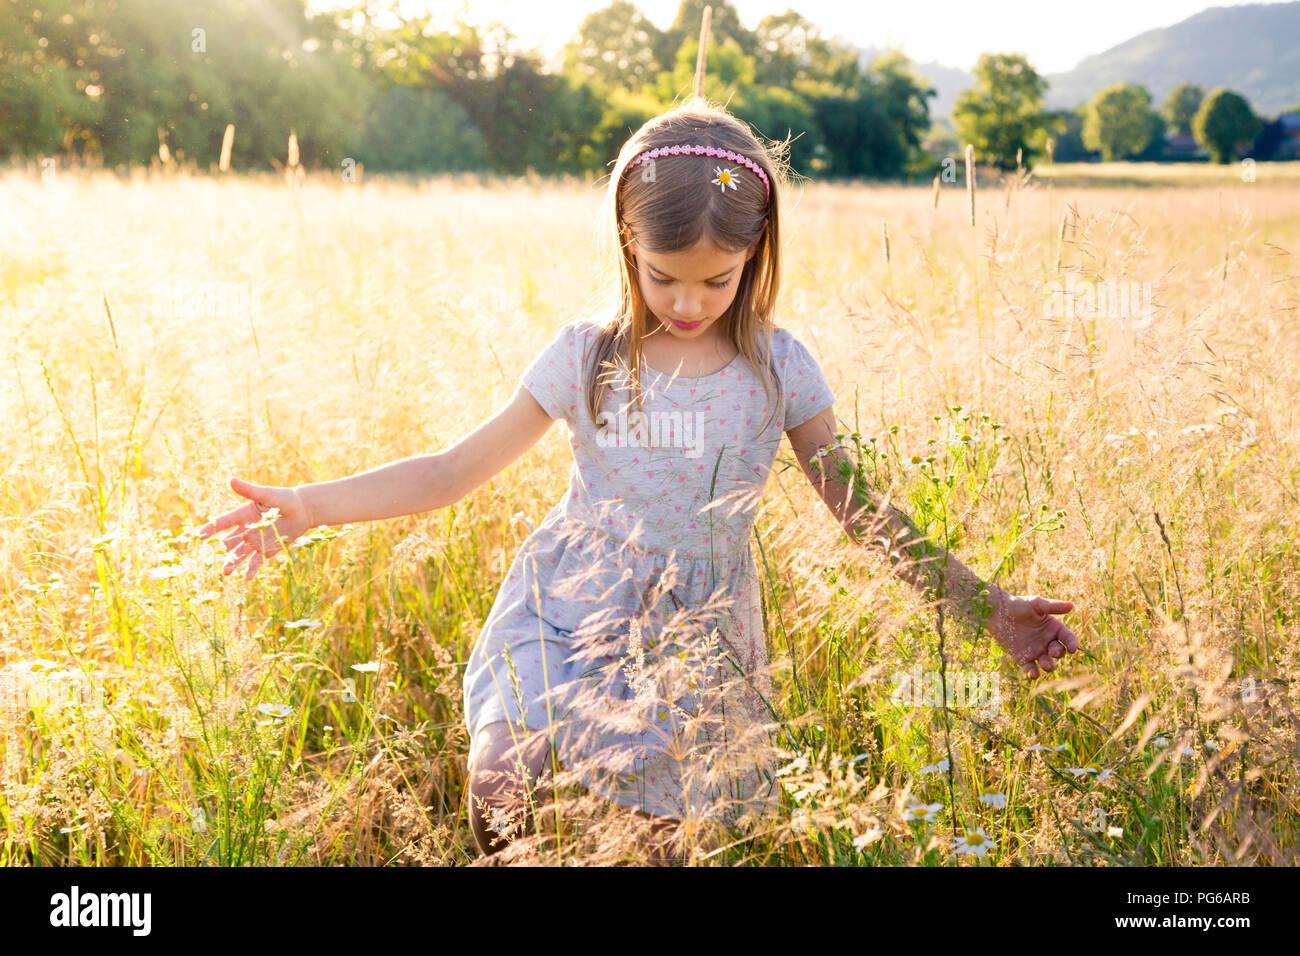 Giovane ragazza camminare attraverso il campo in una serata estiva Immagini Stock